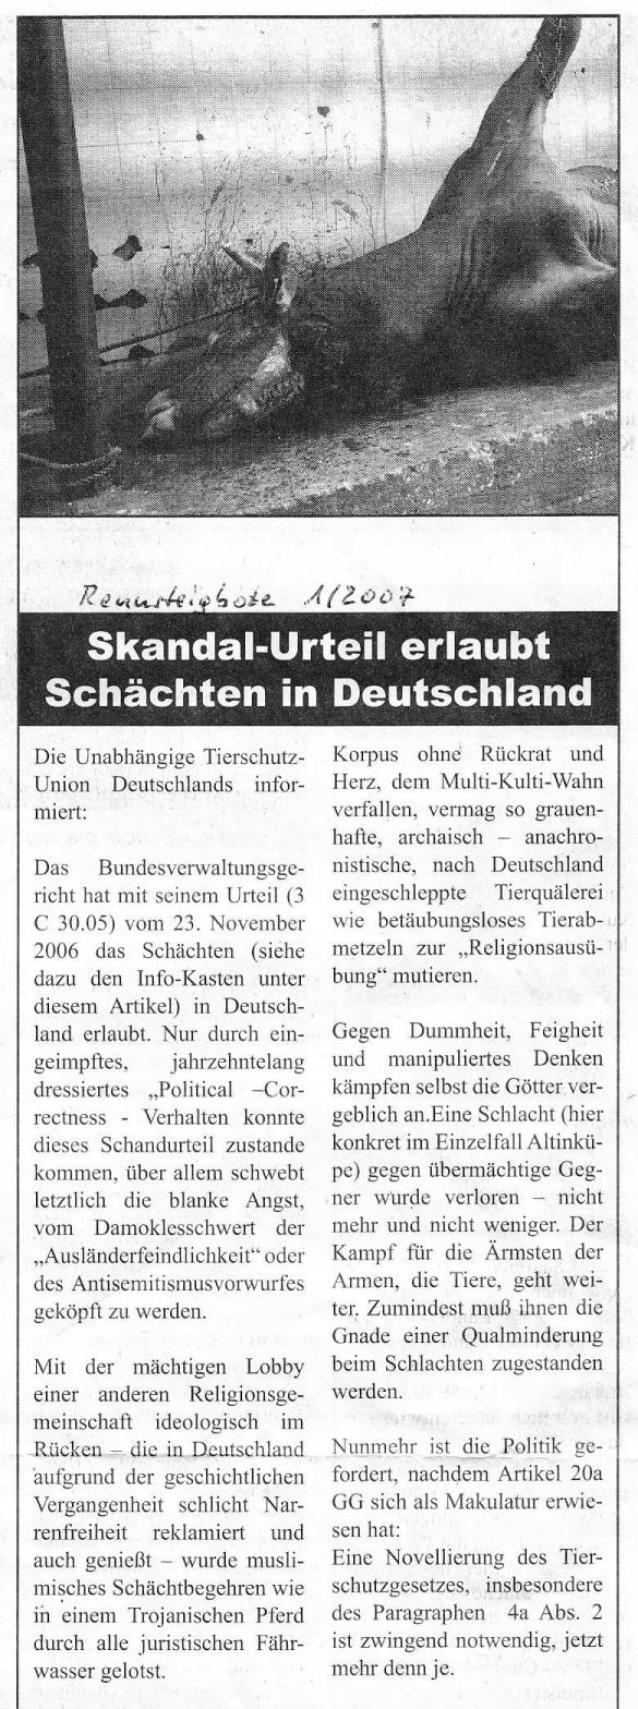 Skandal-Urteil erlaubt Schächten in Deutschland - Rennsteig Bote 1-2007_01 - bearb.